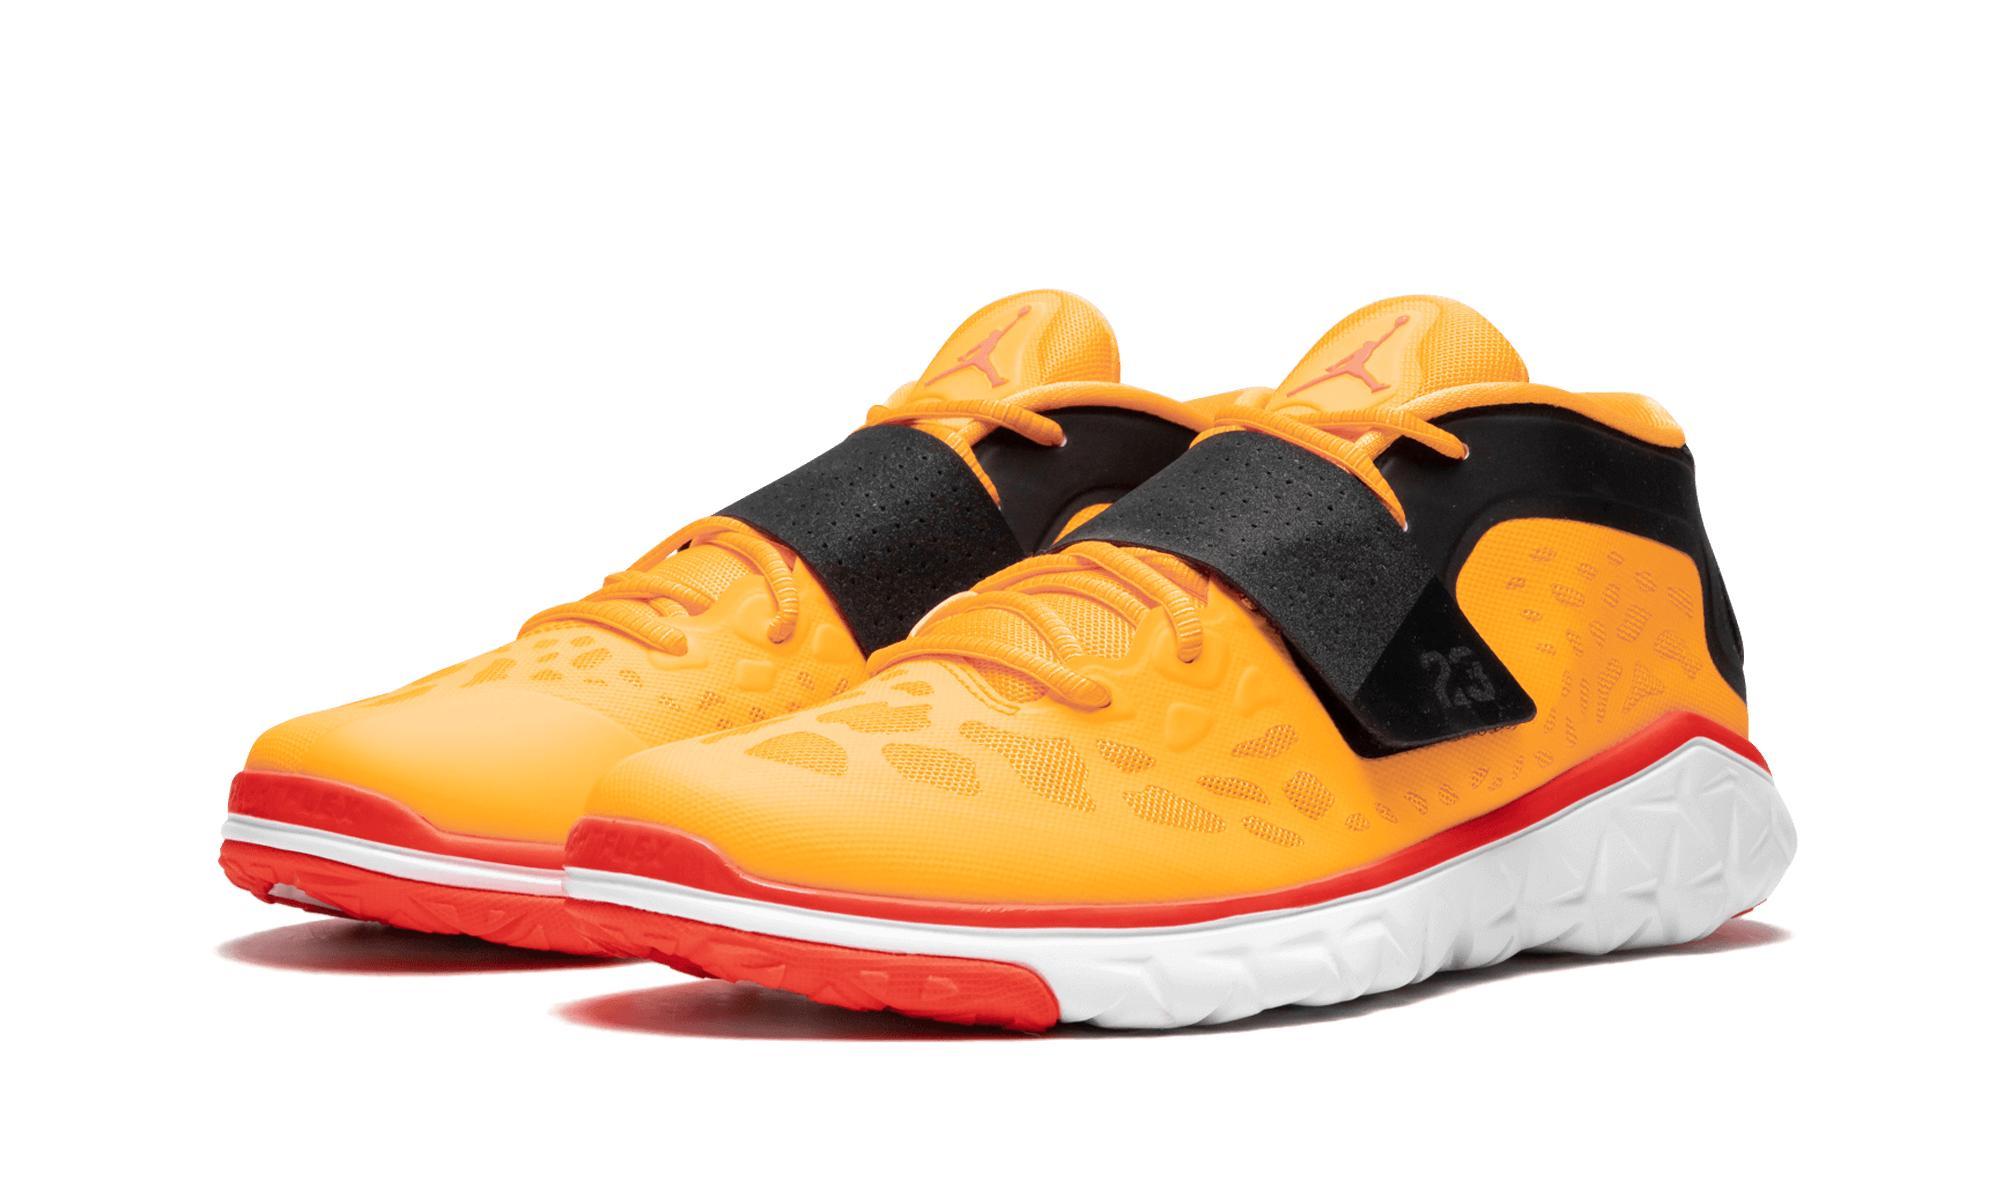 105b7e226fb1 Nike - Orange Flight Flex Trainer 2 for Men - Lyst. View fullscreen